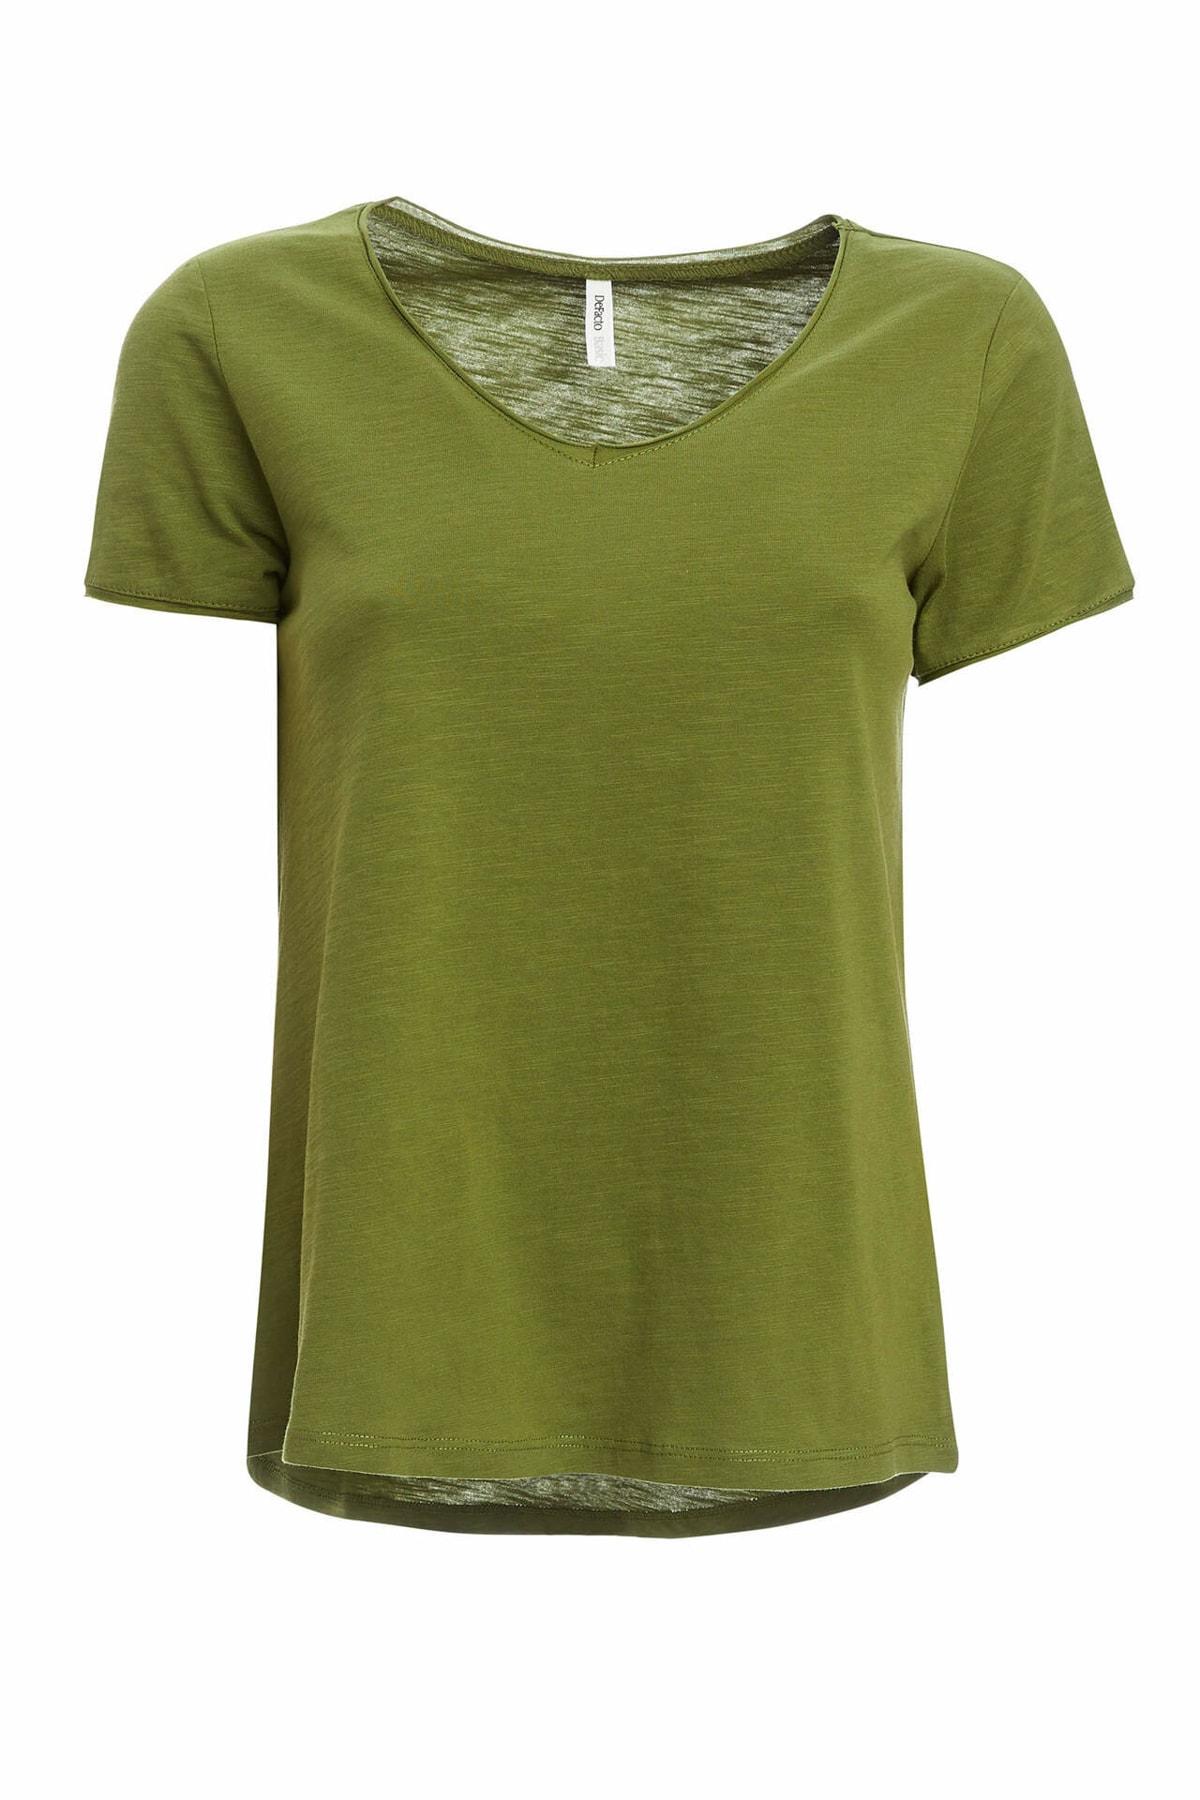 Kadın Yeşil V Yakalı Kısa Kollu T-Shirt K1507AZ.20SP.GN89